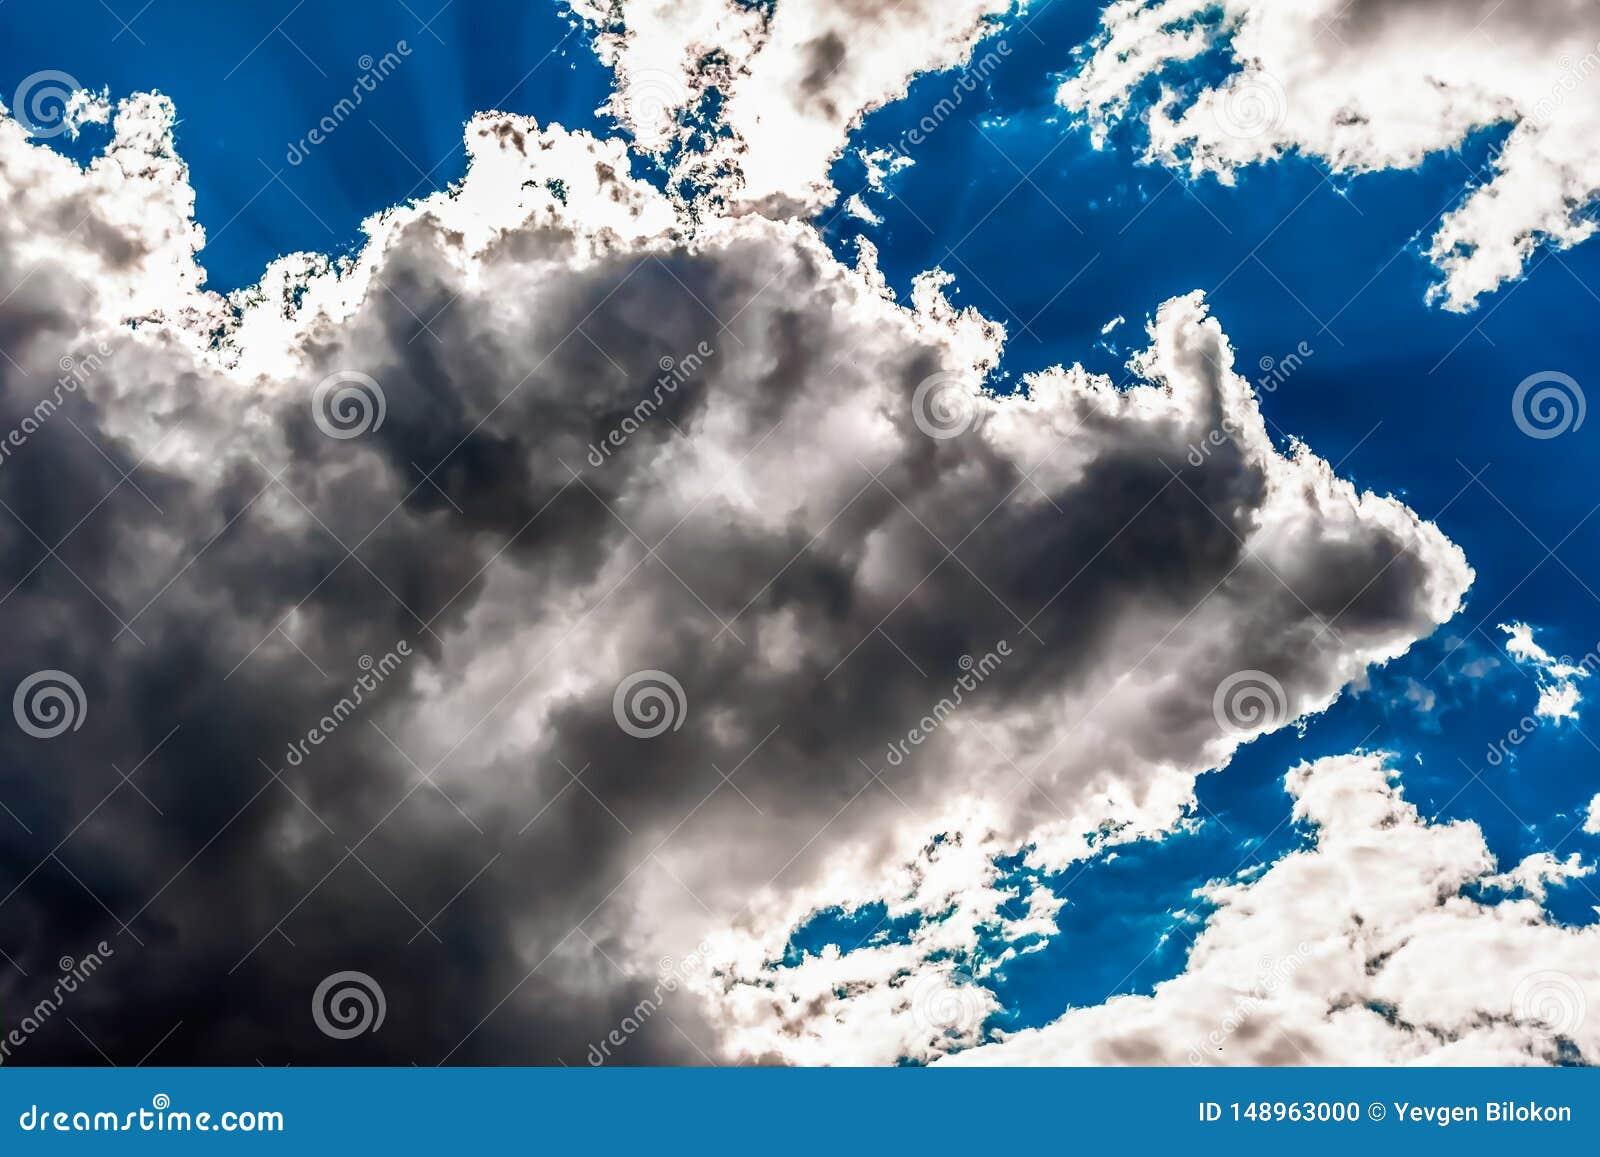 Kumuluswolken im blauen Himmel